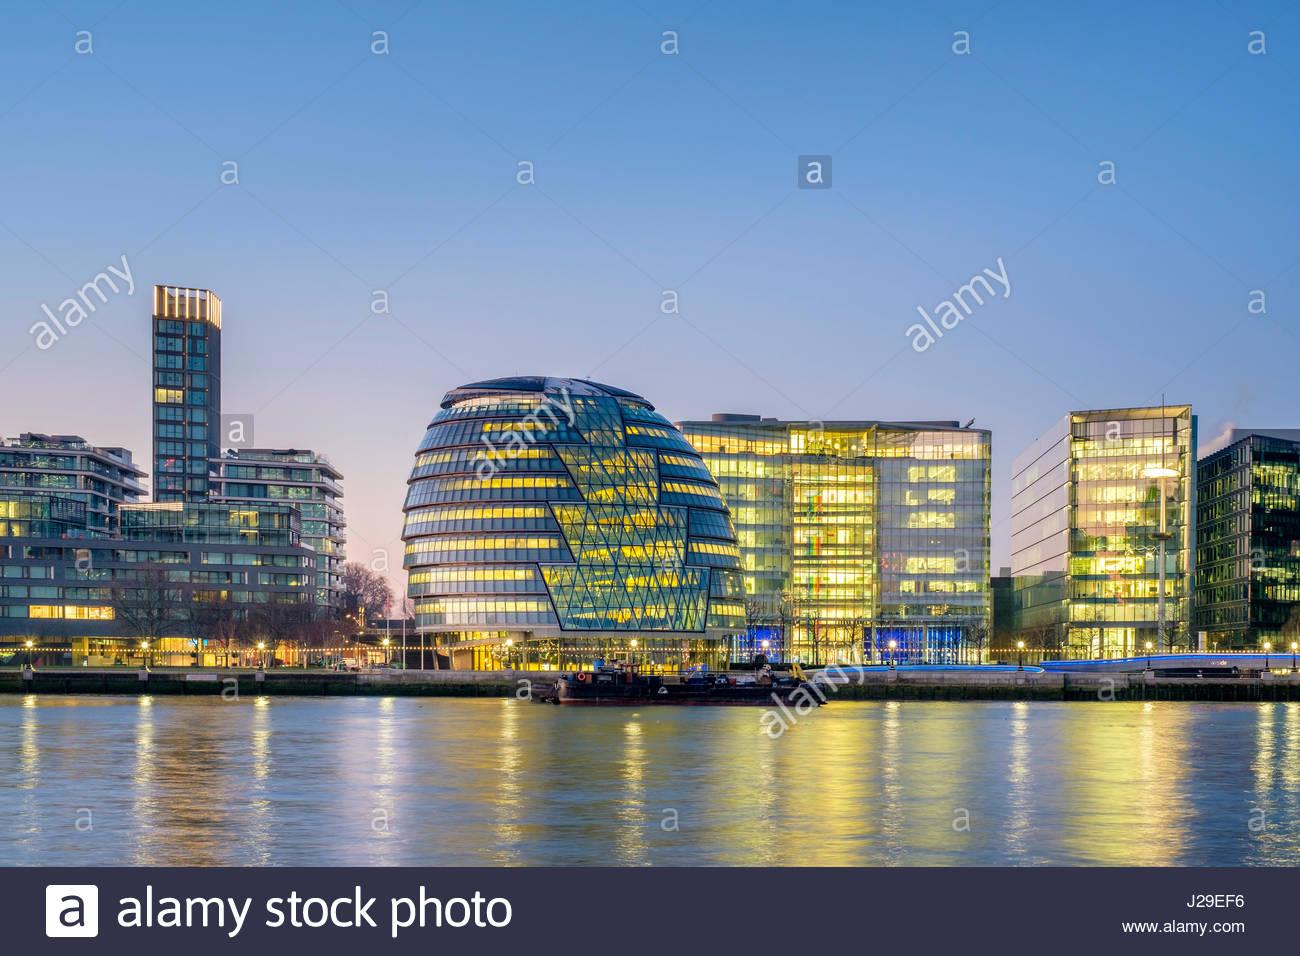 United Kingdom, England, London. London City Hall, die von Architecht Norman Foster und modernen Gebäuden im Stockbild